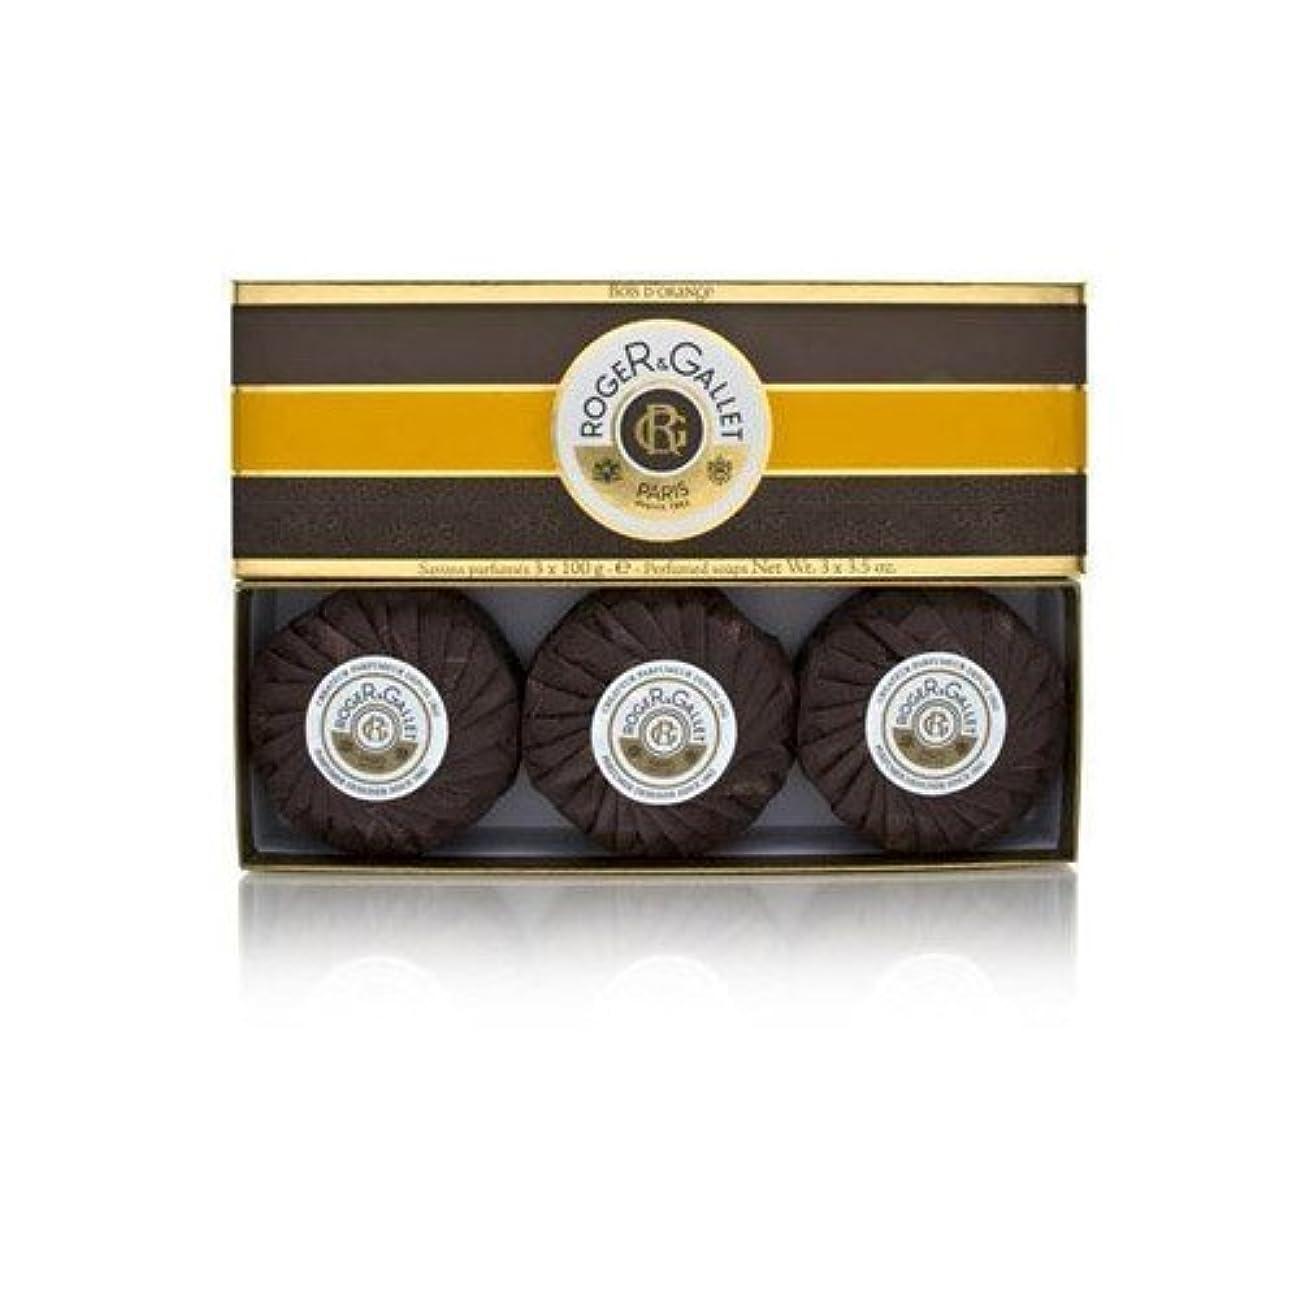 防腐剤櫛十分にロジェガレ ボワ ドランジュ (オレンジツリー) 香水石鹸3個セット ROGER&GALLET BOIS D'ORANGE PERFUMED SOAP [0161]